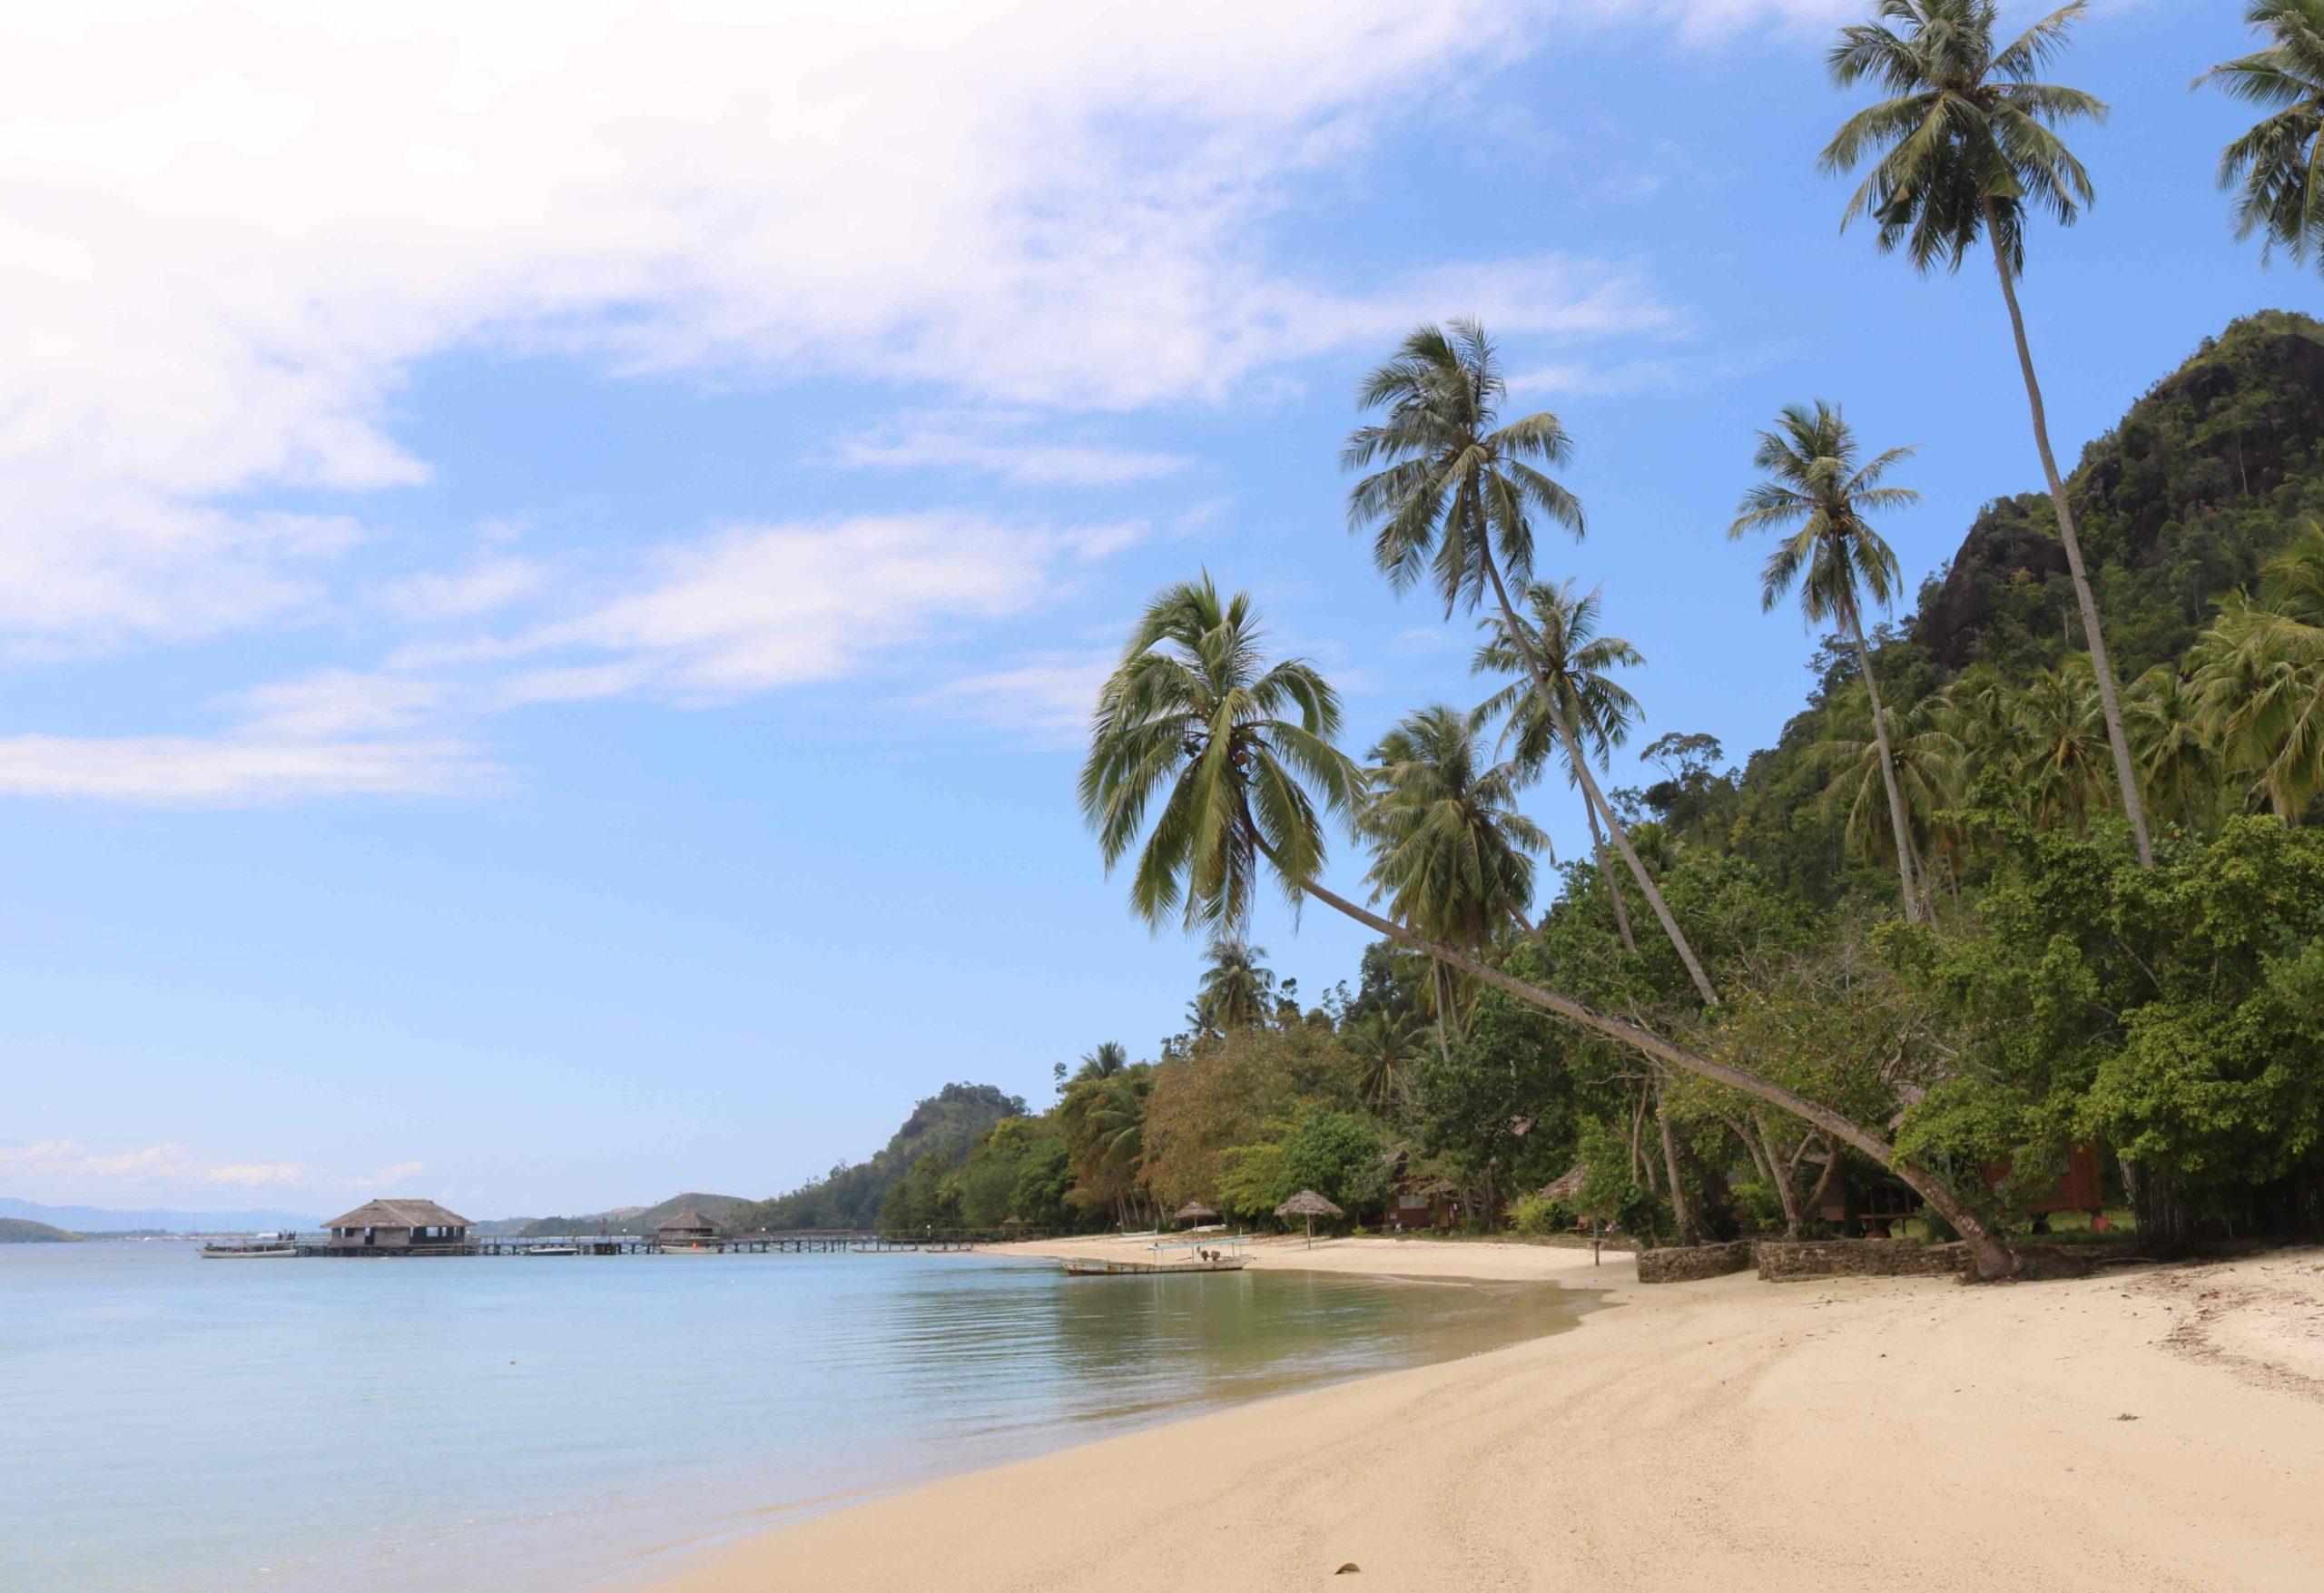 The Ultimate Beach Retreat – Cubadak Island off Sumatra